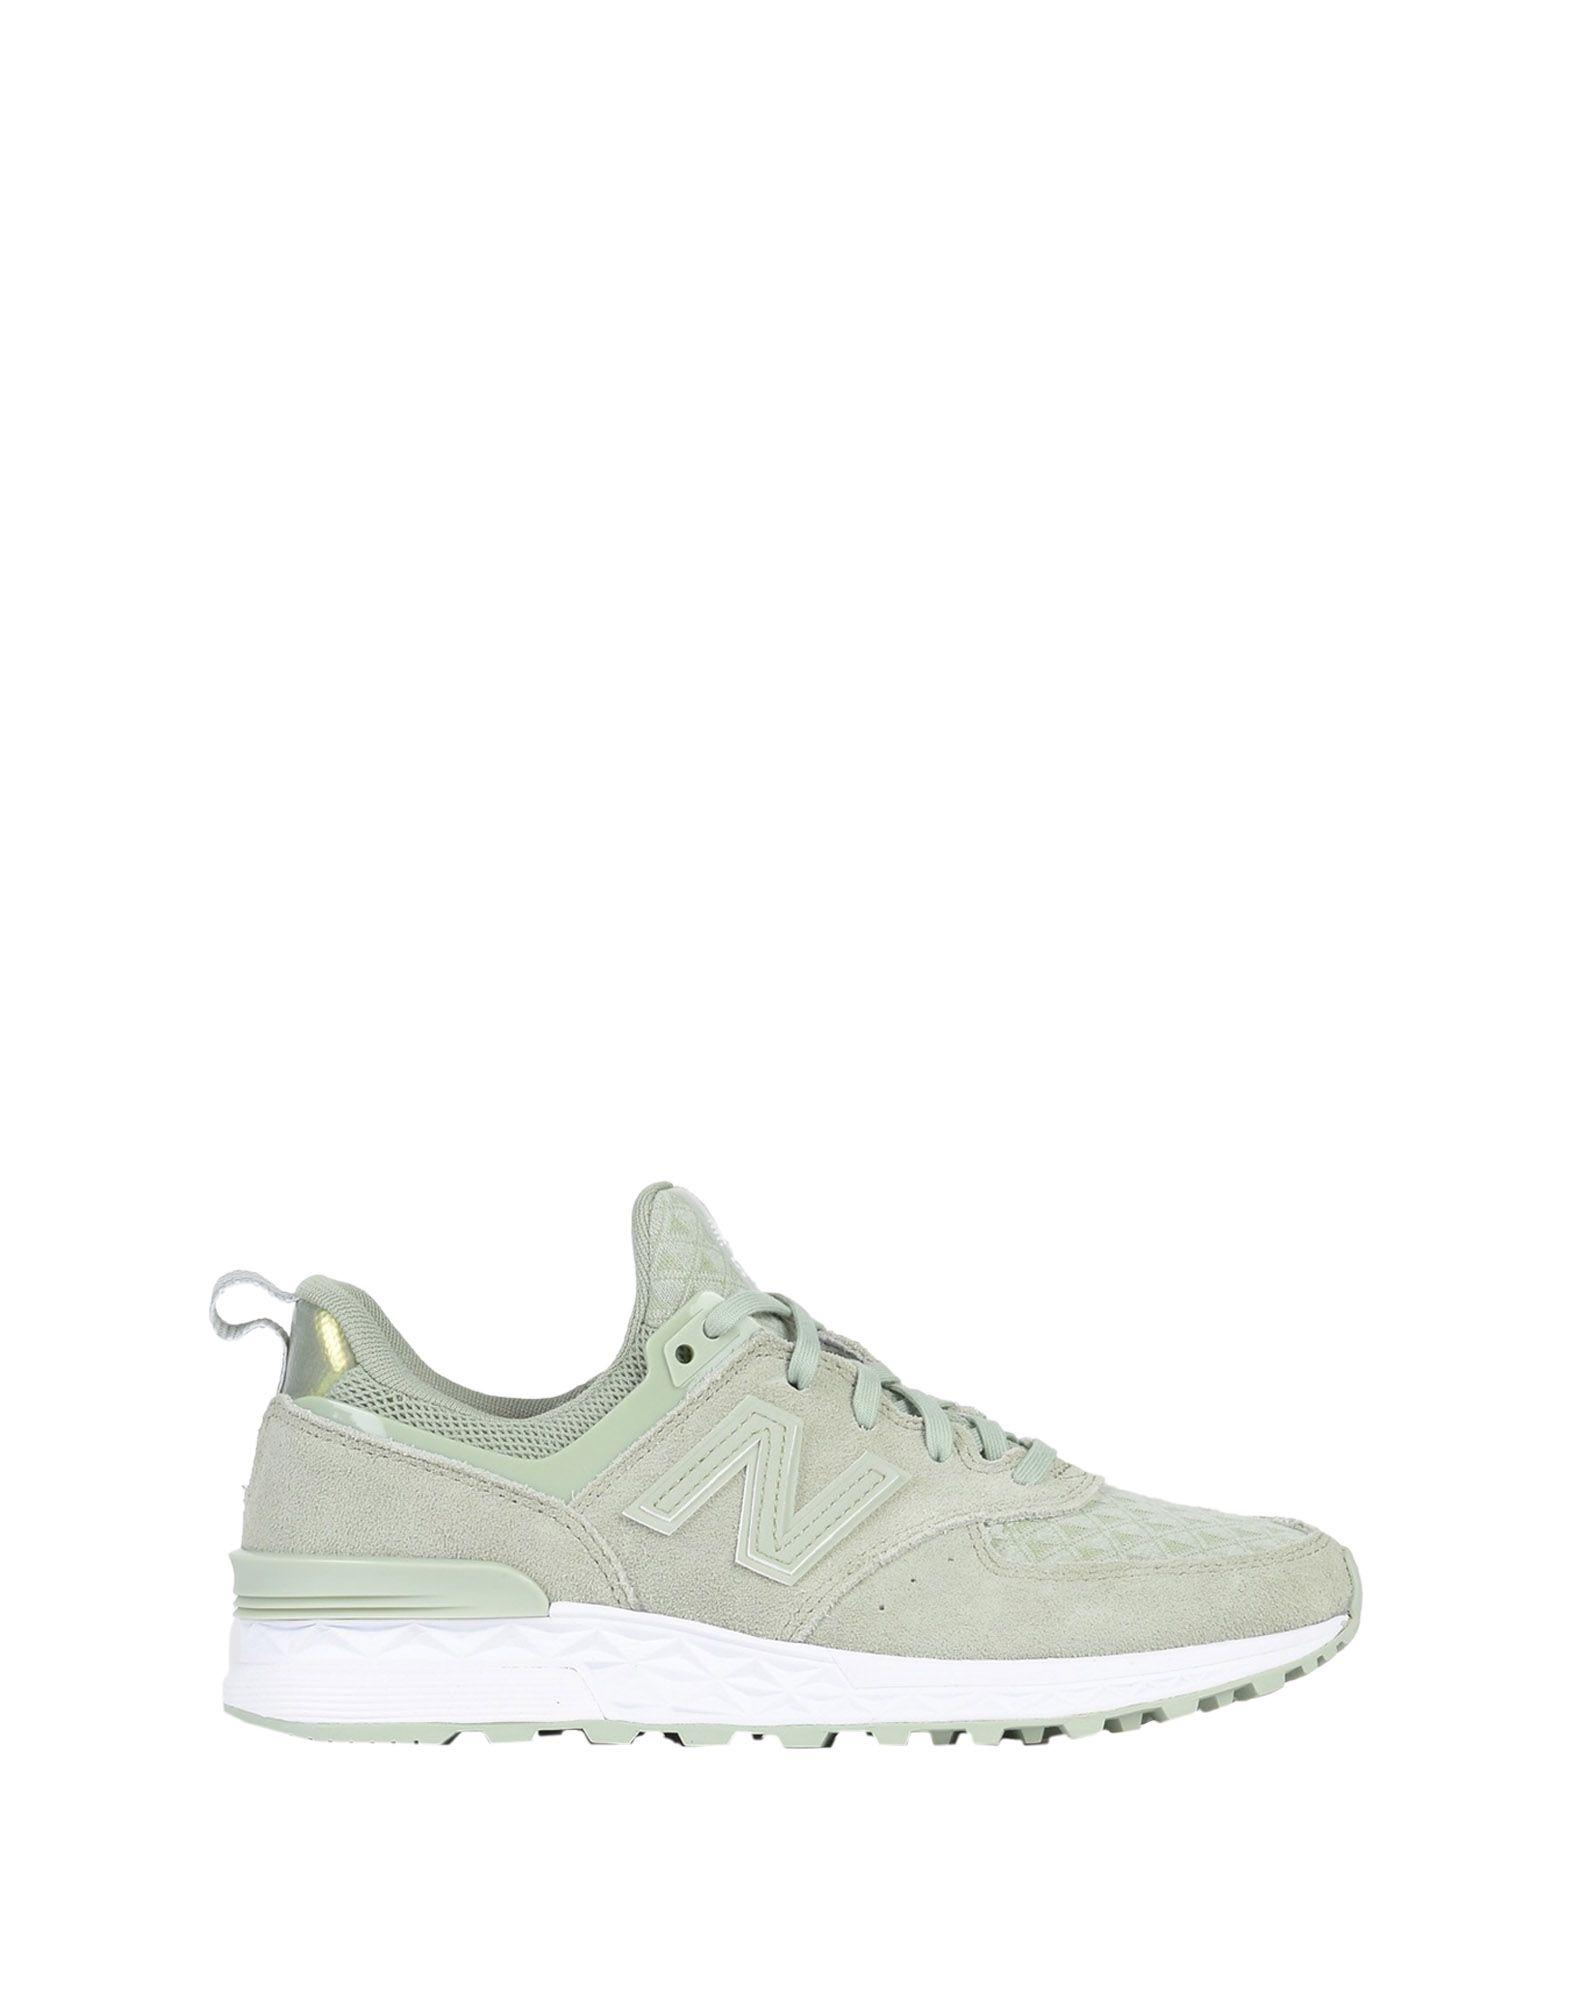 New Balance 574 Qualität Sport Fashion Details  11489591IB Gute Qualität 574 beliebte Schuhe c68580